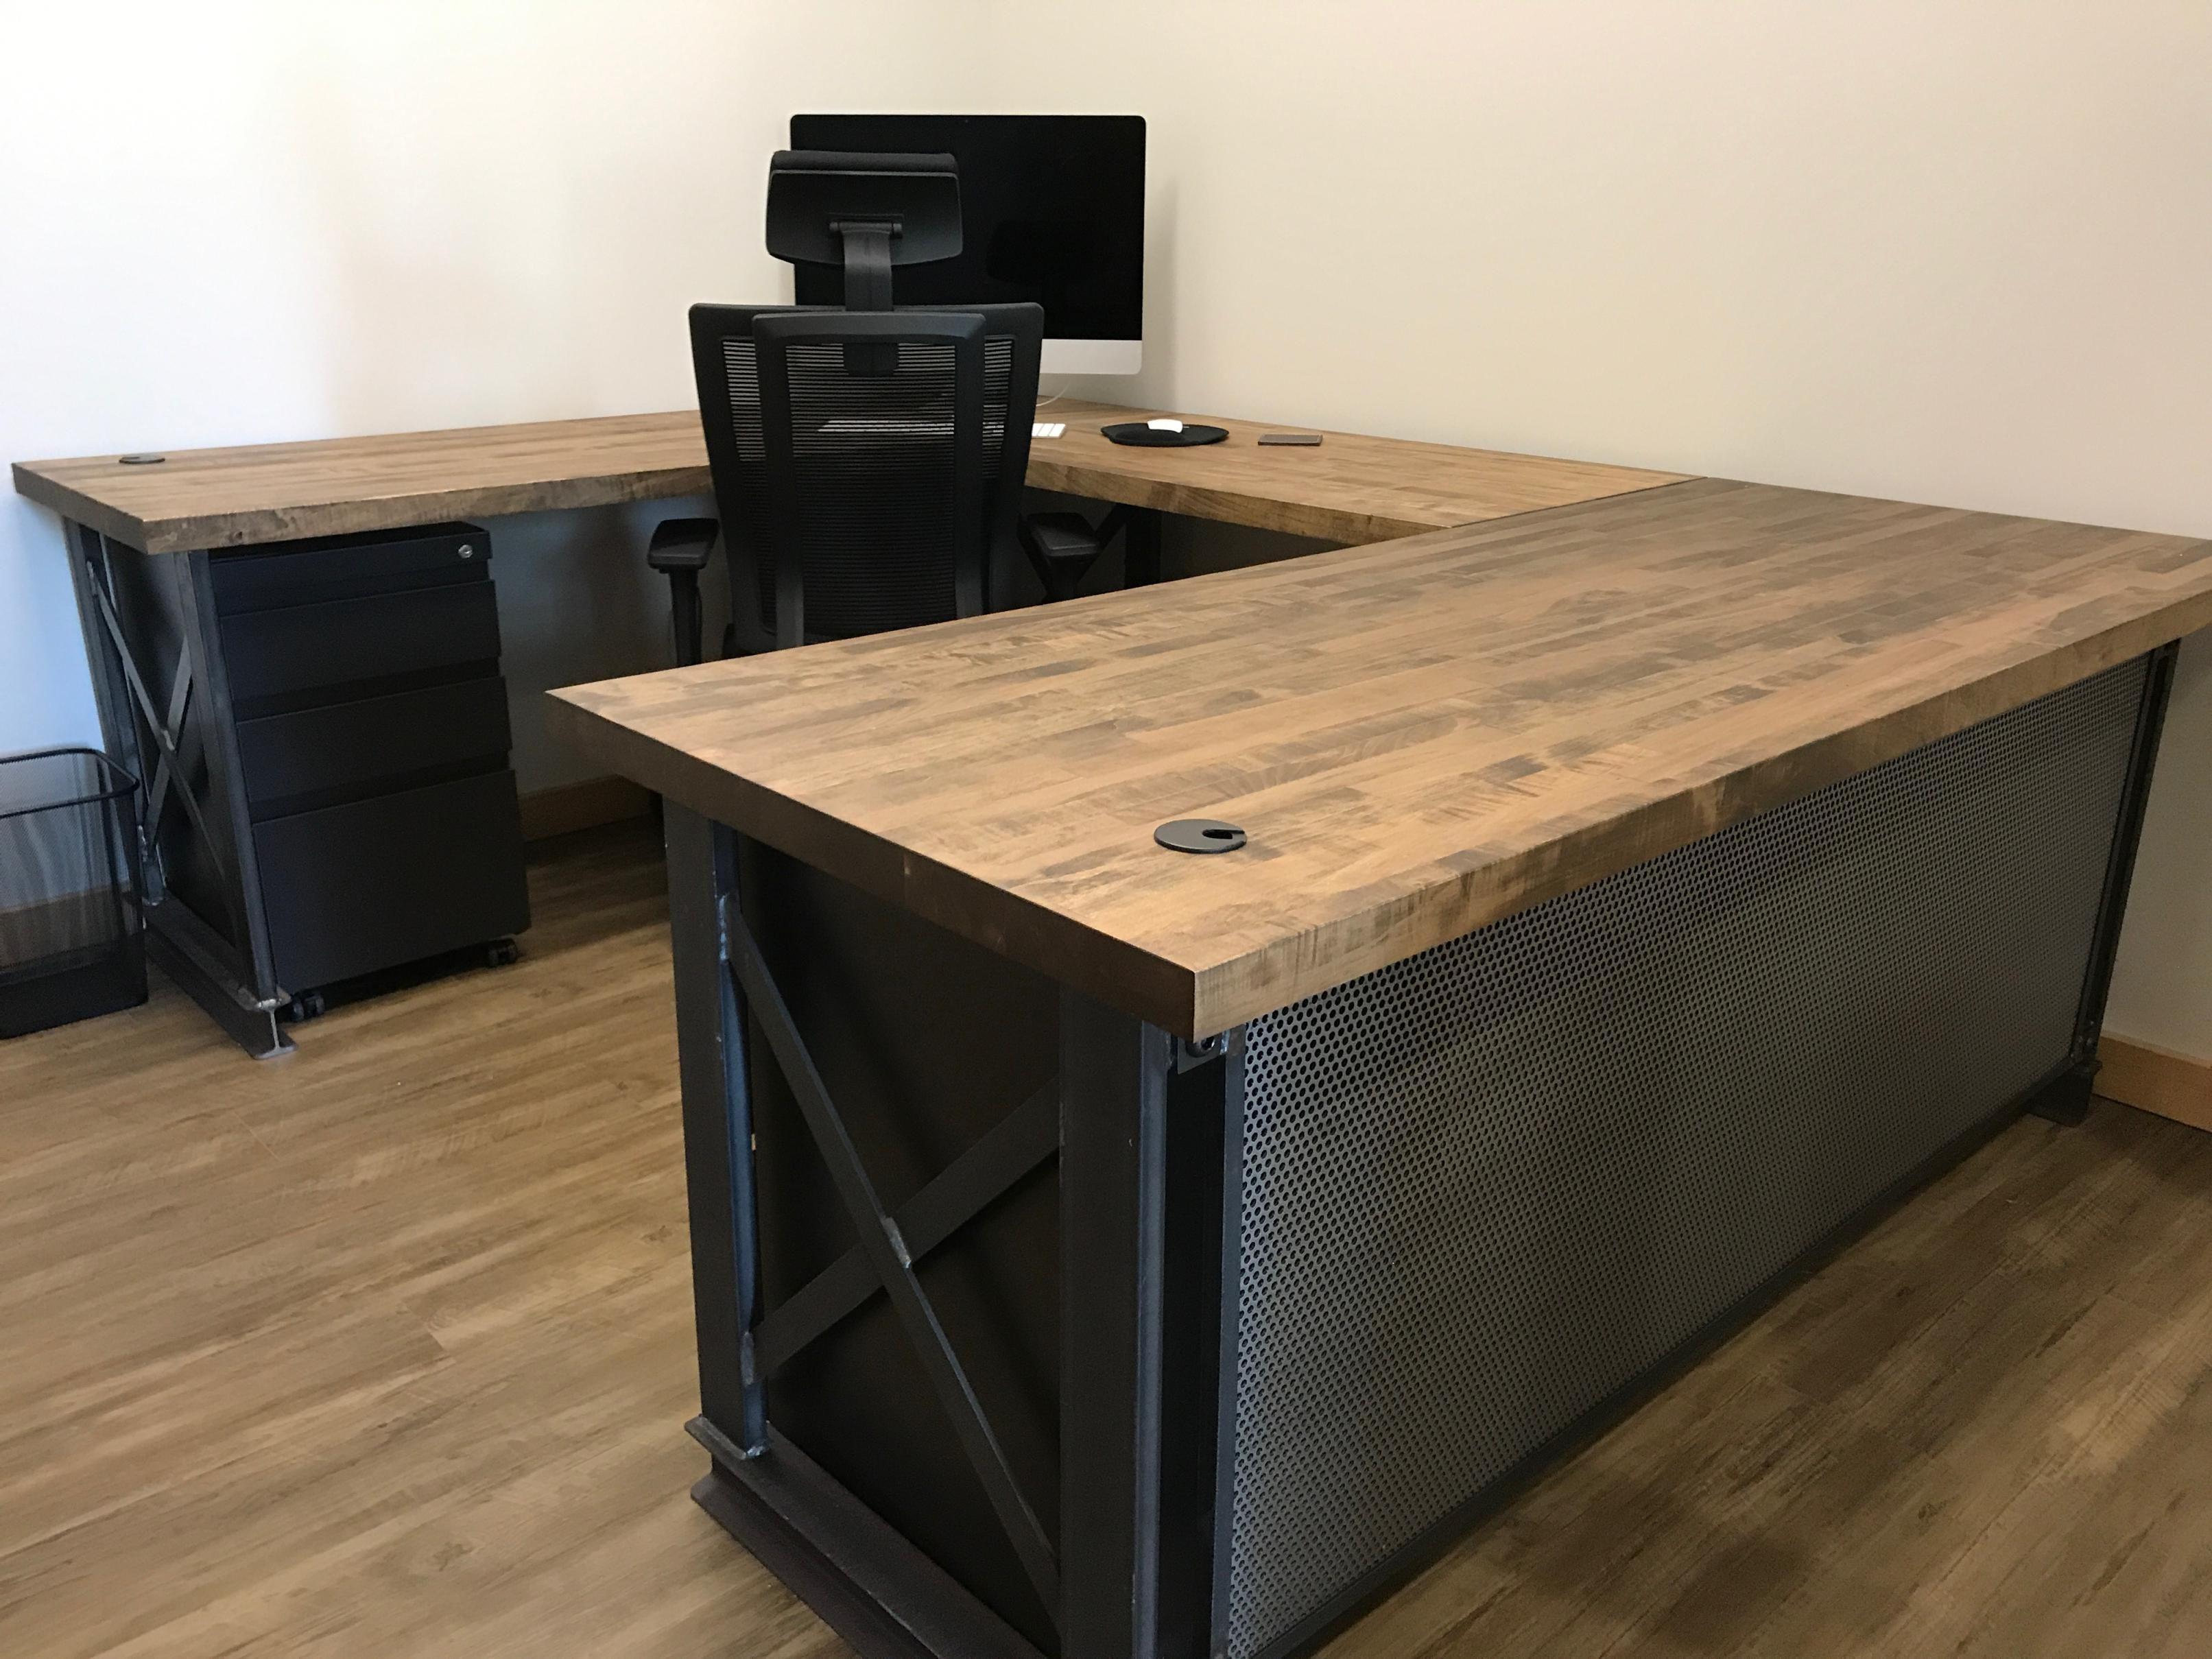 Executive Carruca Office Desk U Shape Image 0 U Shaped Office Desk Wooden Office Desk Rustic Office Desk